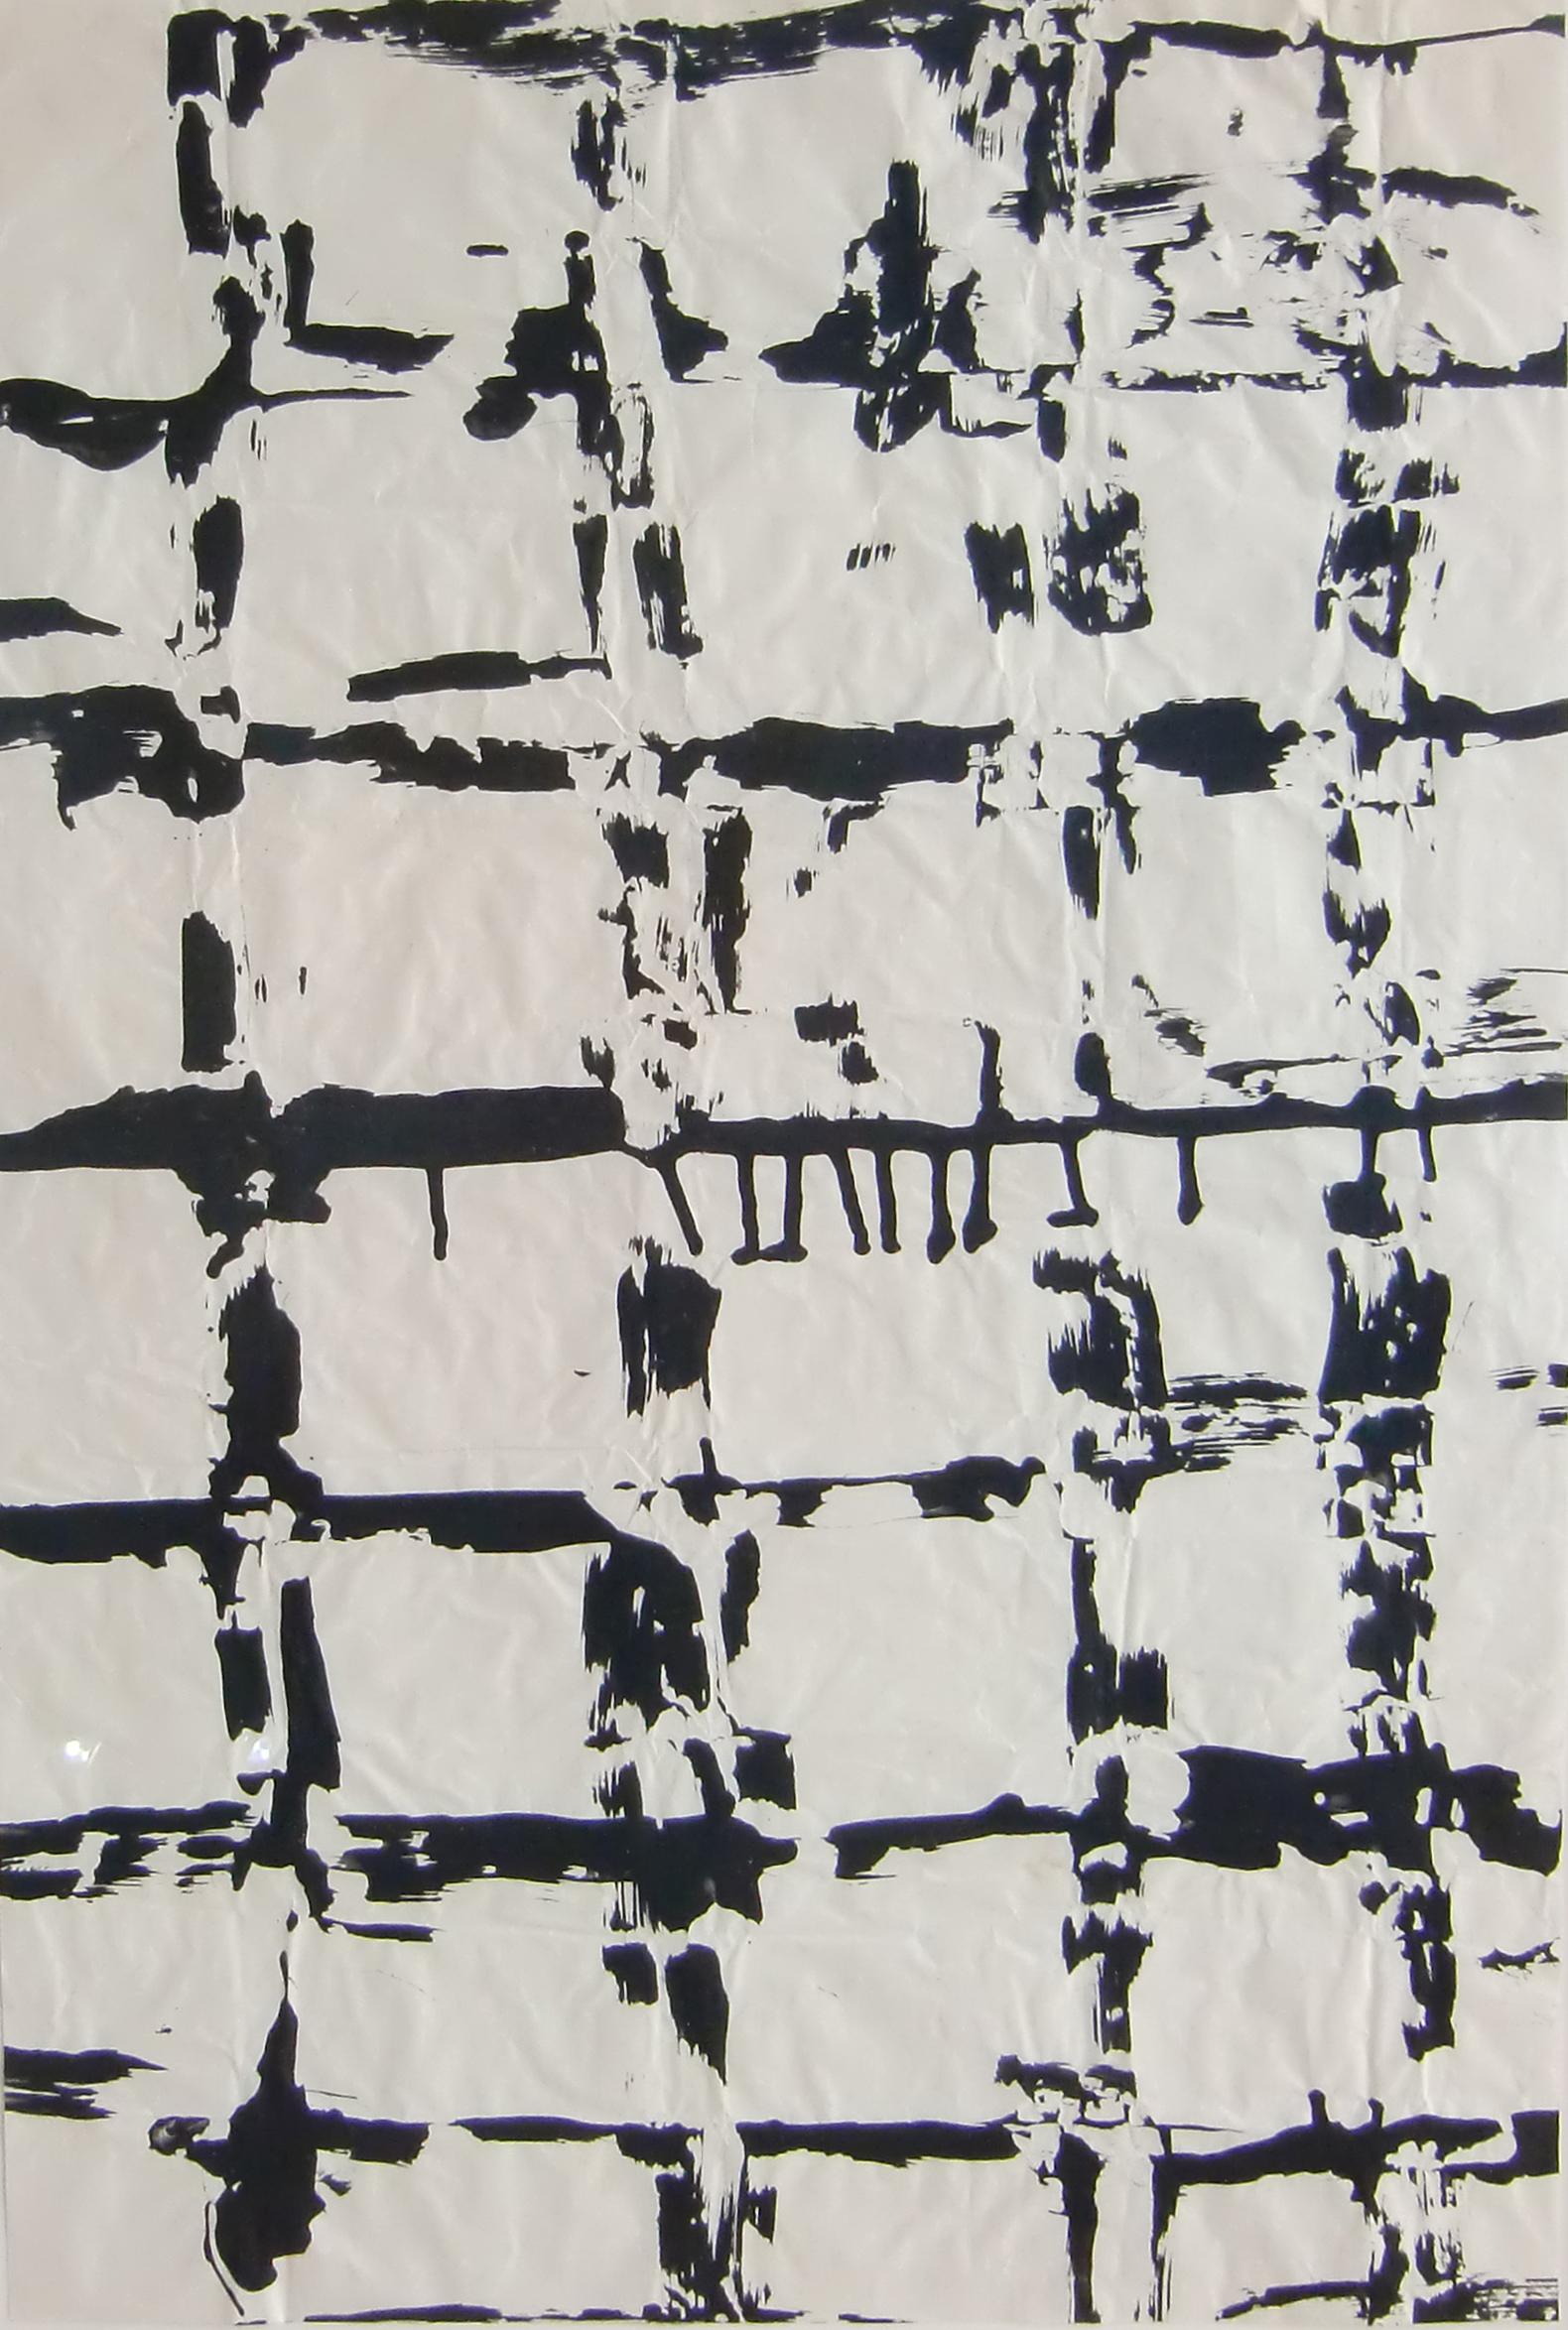 26 – Herbert Zangs (1924 – 2003)<br><br>Ohne Titel / Gratbild 1980er Jahre<br>Dispersionsfarbe auf Papier<br>75,3 x 50,5 cm<br>rückseitig Nachlass-Stempel<br>Provenienz: Nachlass des Künstlers<br>Die Arbeit ist in das Herbert Zangs Nachlass-Archiv Maulberger aufgenommen.